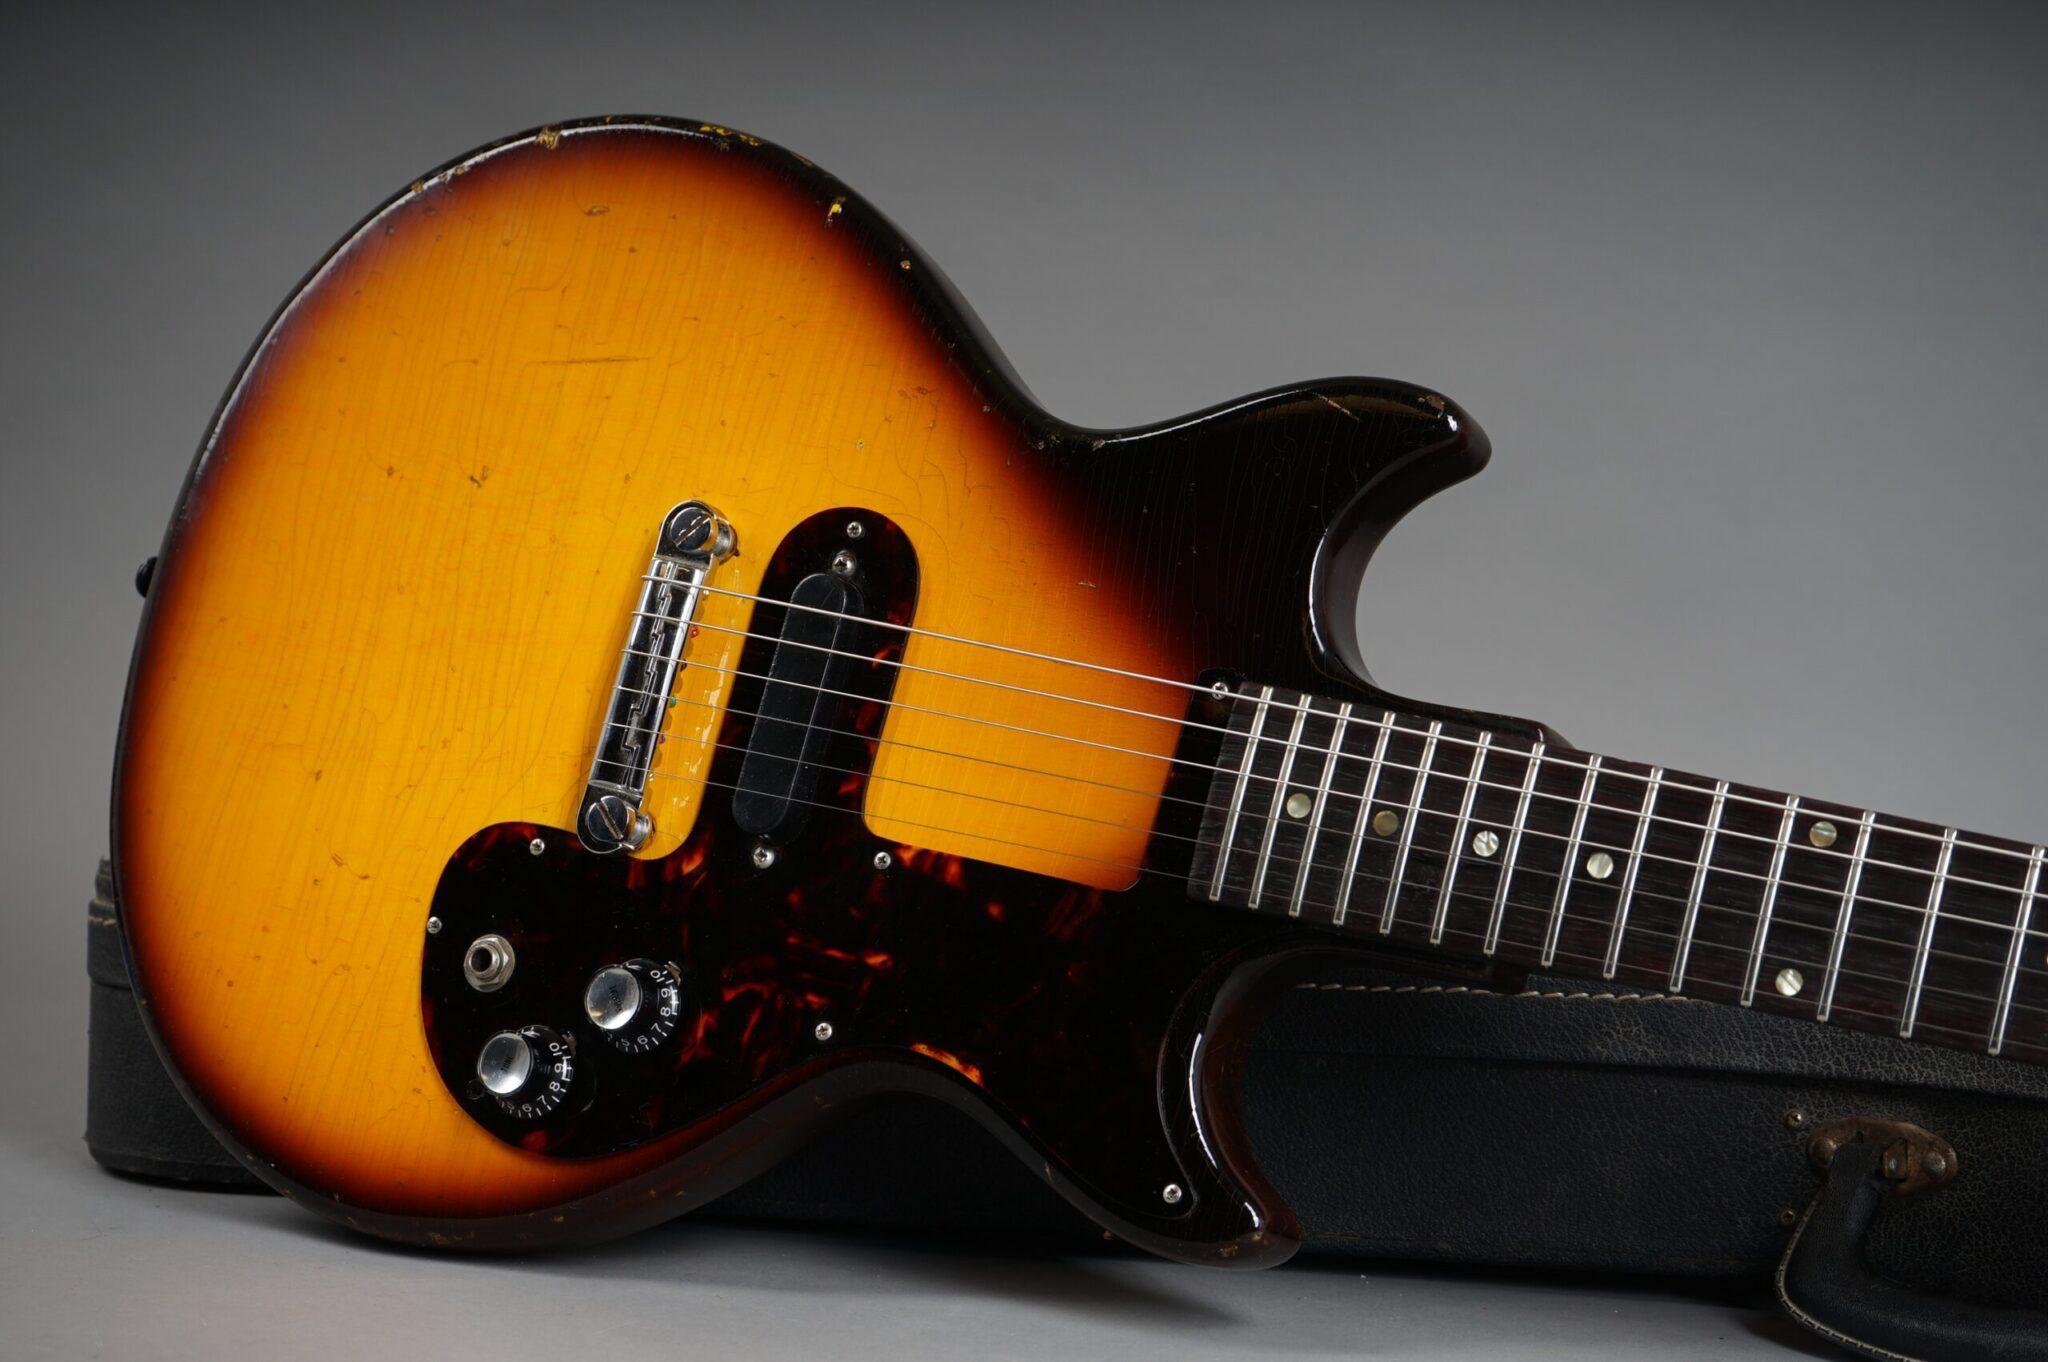 https://guitarpoint.de/app/uploads/products/1964-epiphone-olympic-sunburst/1964-Epiphone-Olympic-Sunburst-205752-19-scaled-2048x1362.jpg